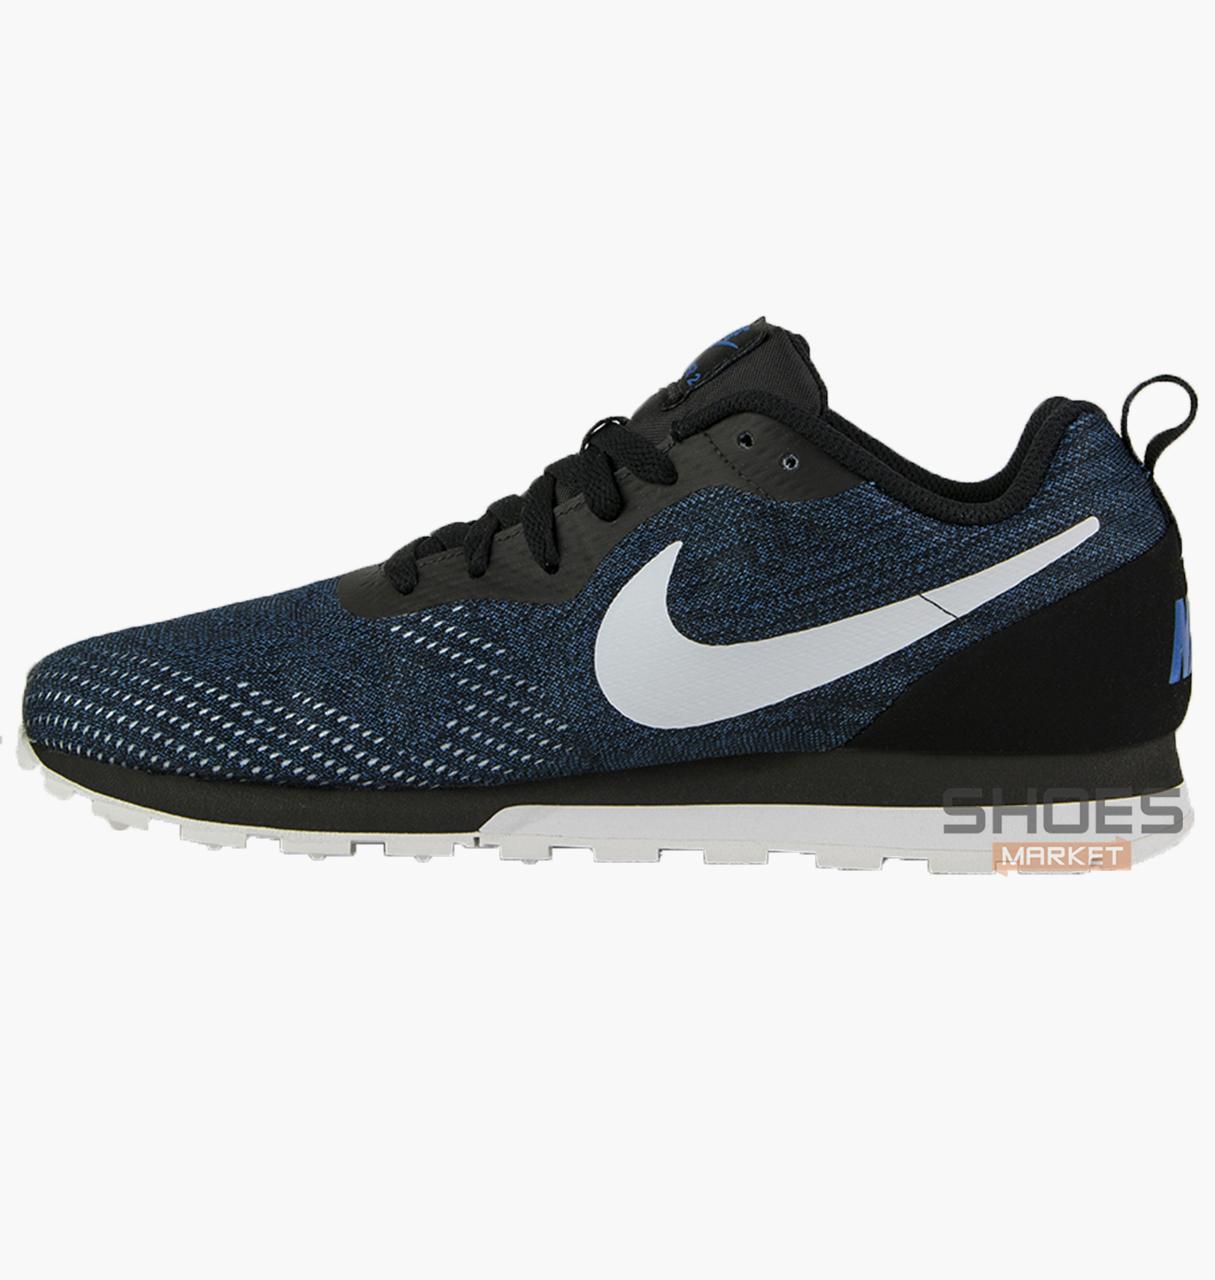 Мужские кроссовки Nike MD R 2 ENG Mуір Blue 916774-007, оригинал